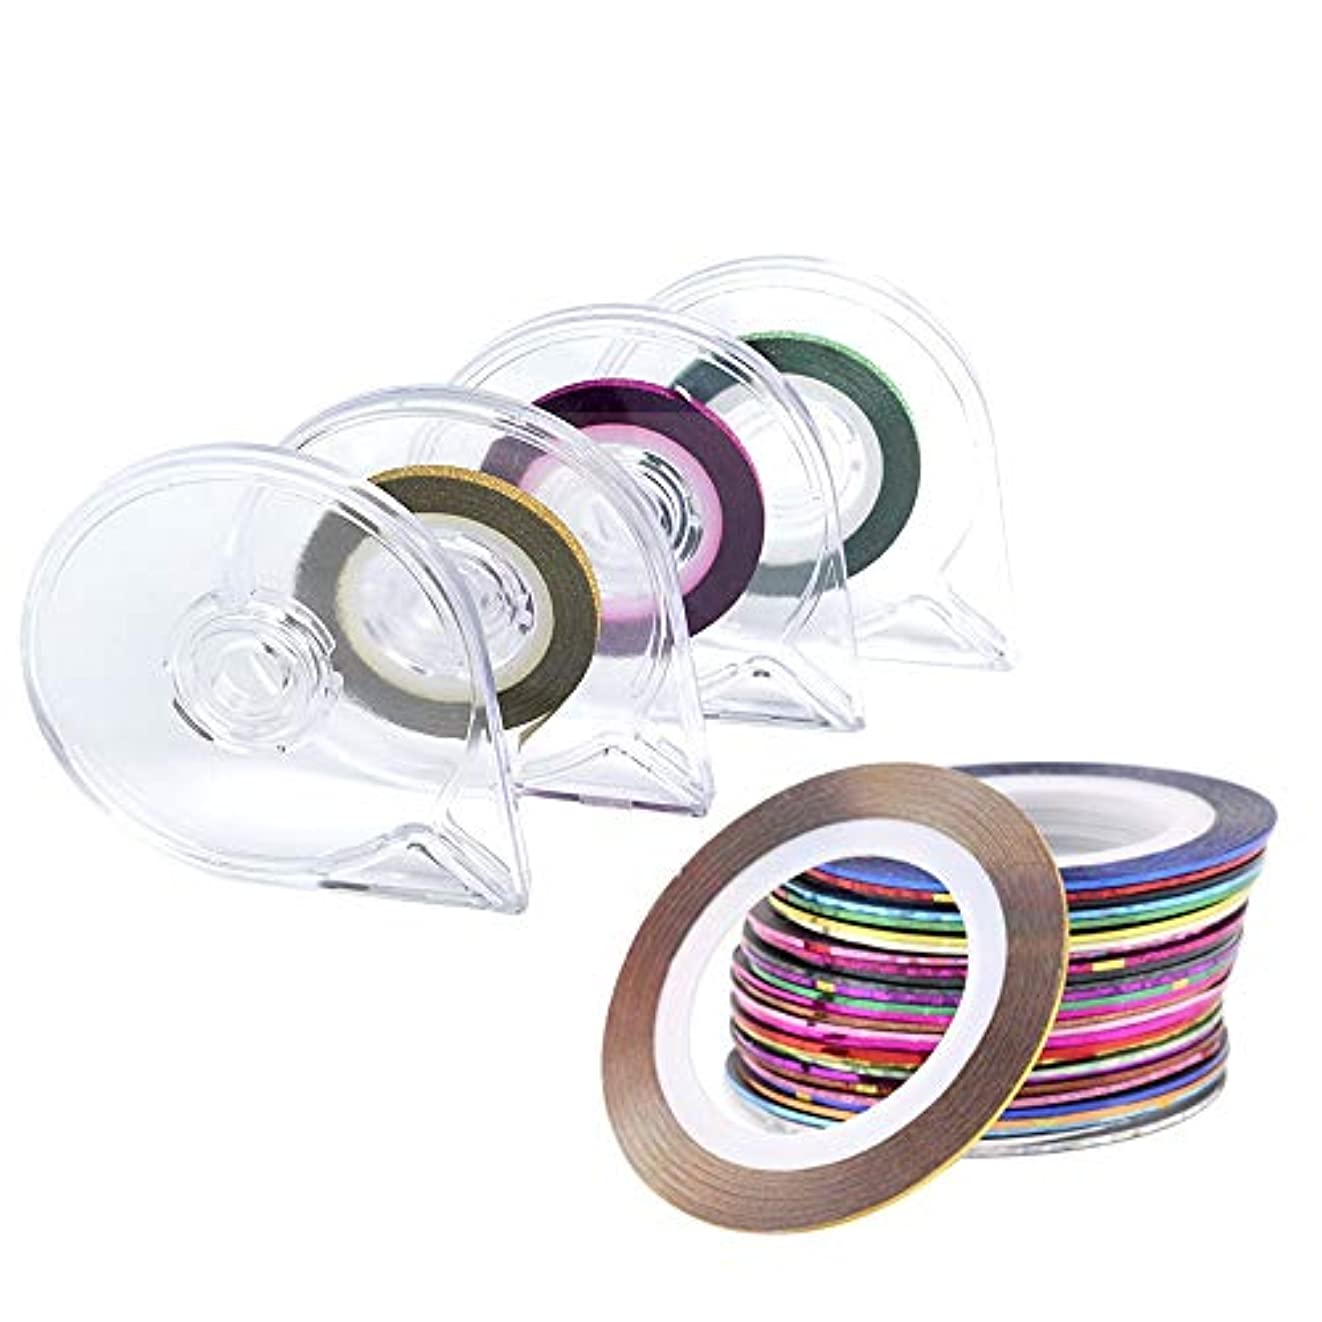 まばたき現実的囲まれたラインテープネイルアート用 ラインテープ シート ジェルネイル用 マニキュア セット ジェルネイル アート用ラインテープ 専用ケース付き 30ピース (Color : Mixed Colour)